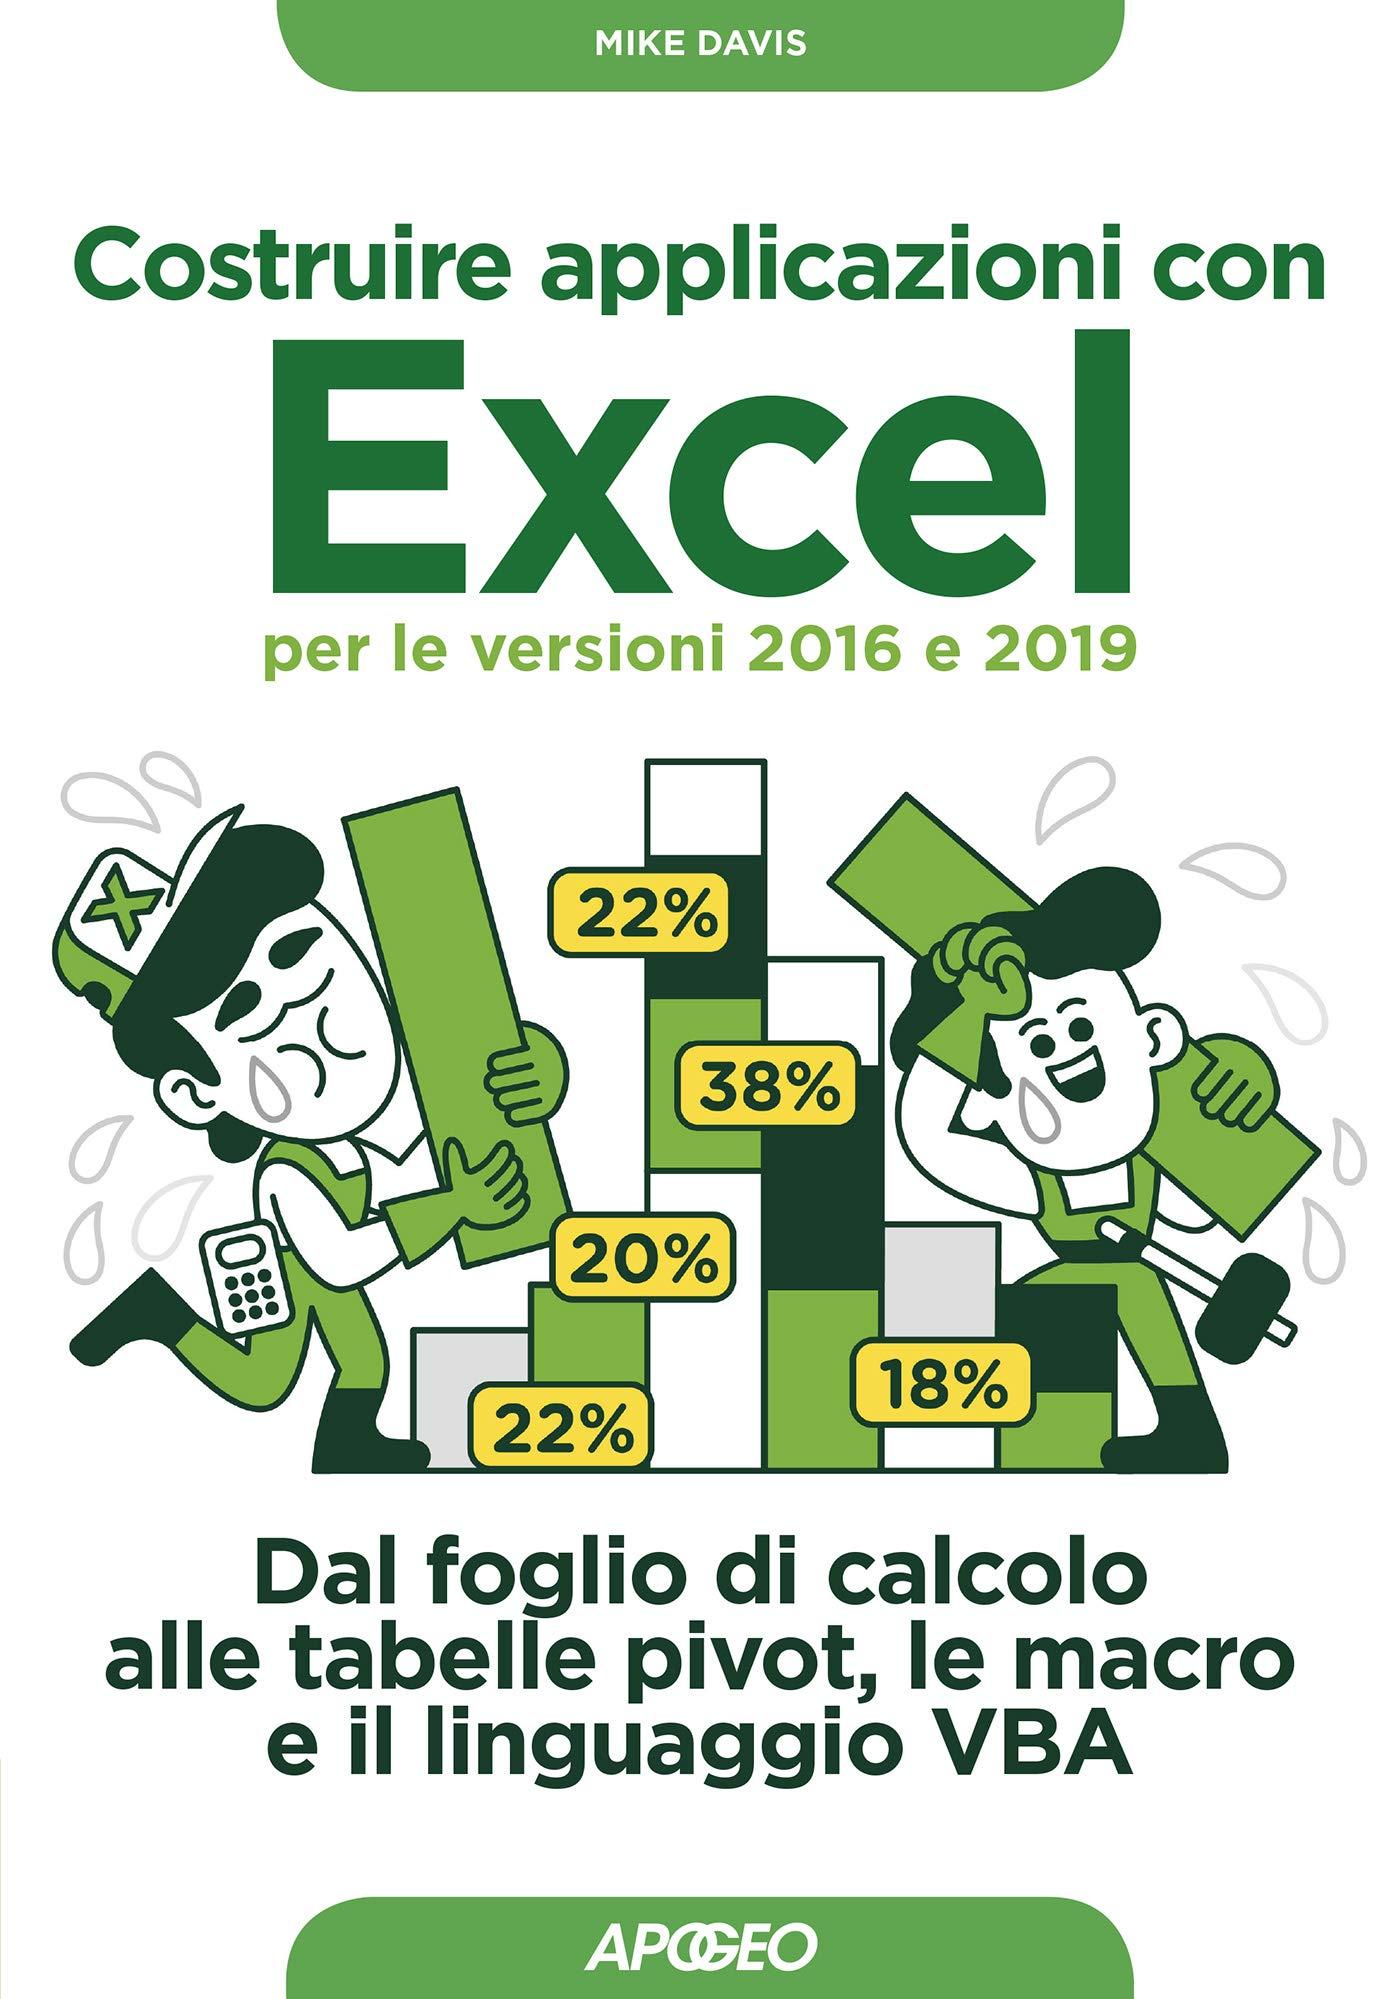 Costruire applicazioni con Excel per le versioni 2016 e 2019